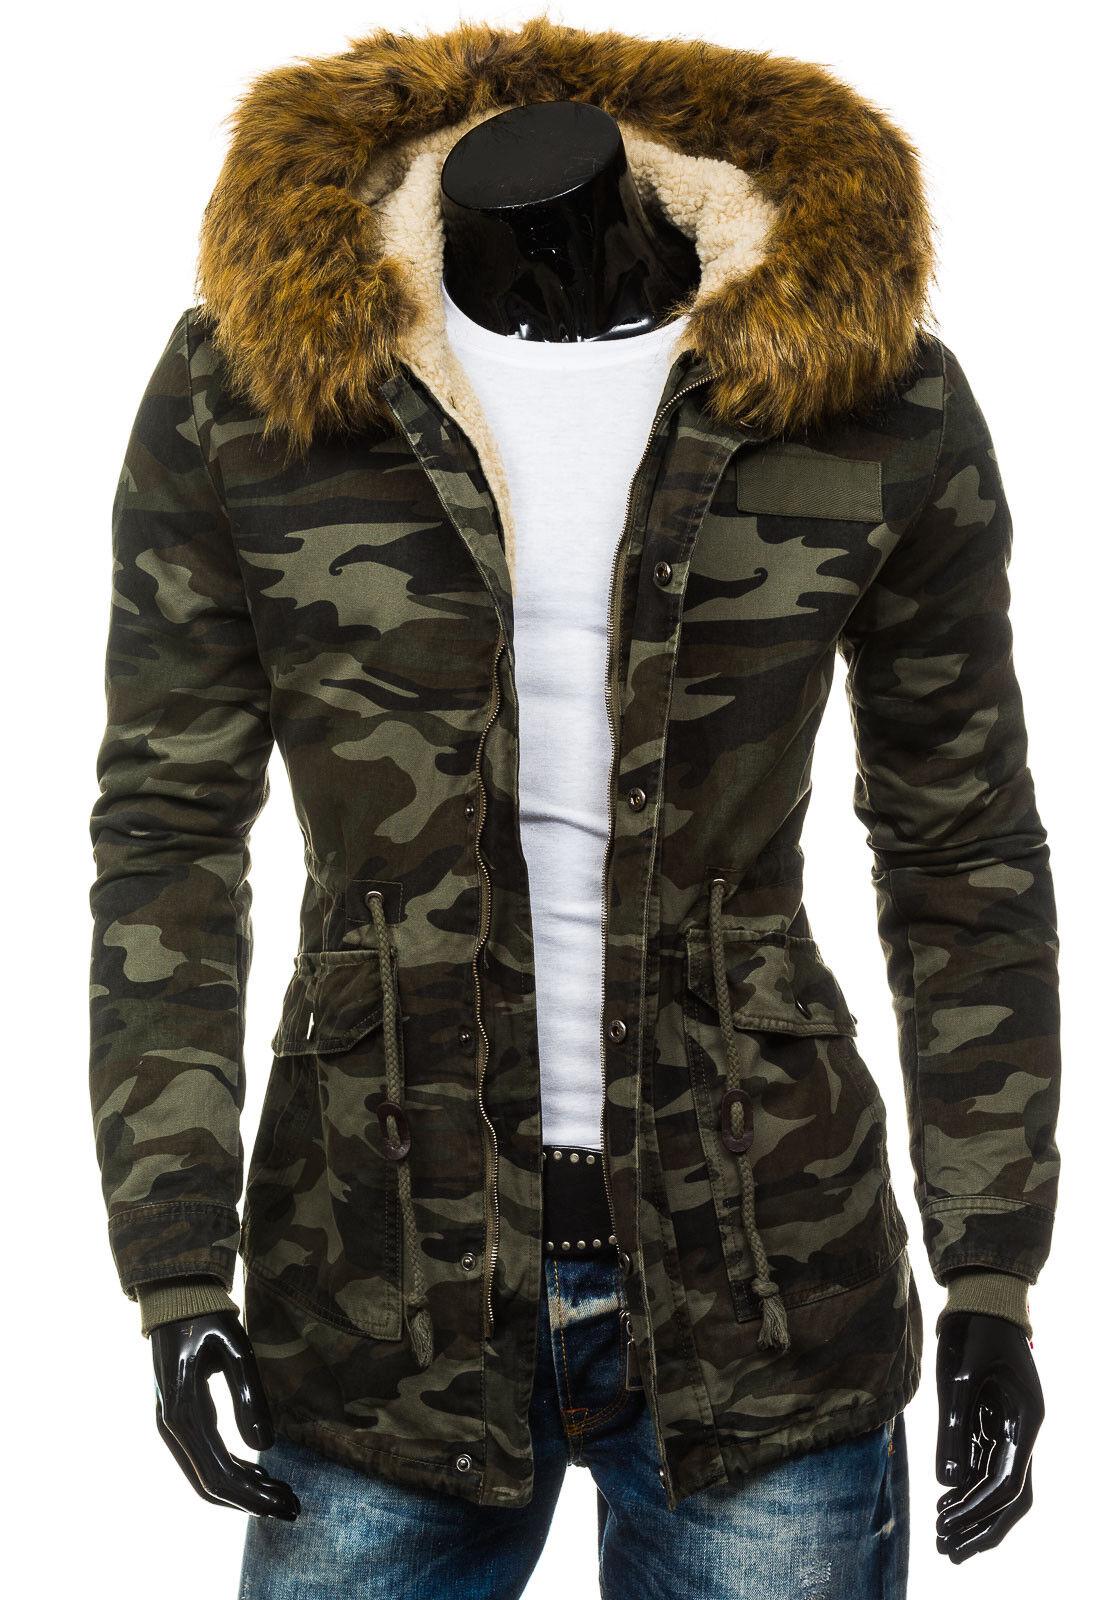 BOLF hommes veste d'hiver Chaleur Veste Veste Veste Hiver Manteau Parka Manteau Capuche 4d4 Nourriture 97e7ea